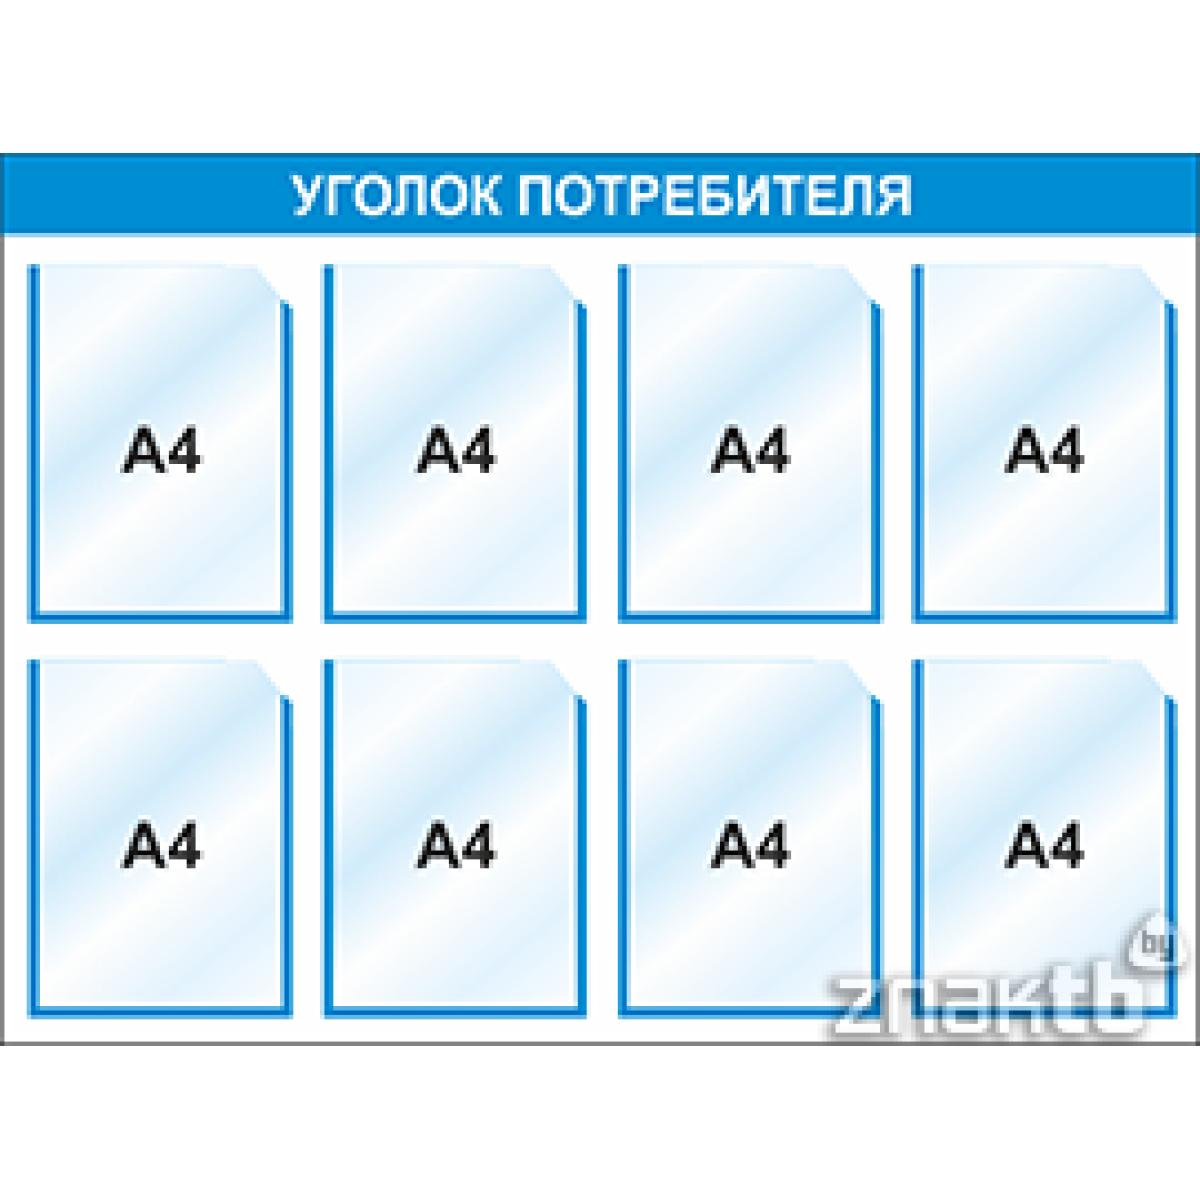 Уголок потребителя/покупателя на 8 ячеек (А4)